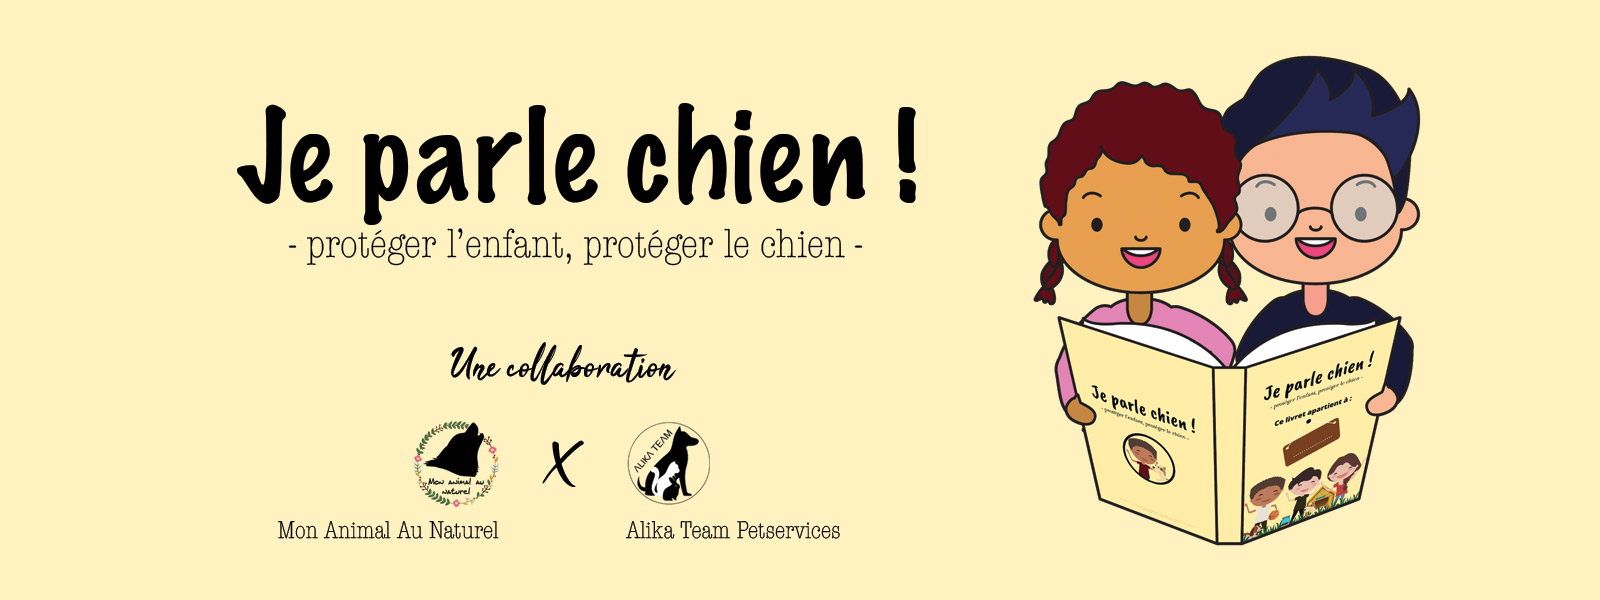 Je parle chien, un livret Ludo-pédagogique sur la relation enfant/chien